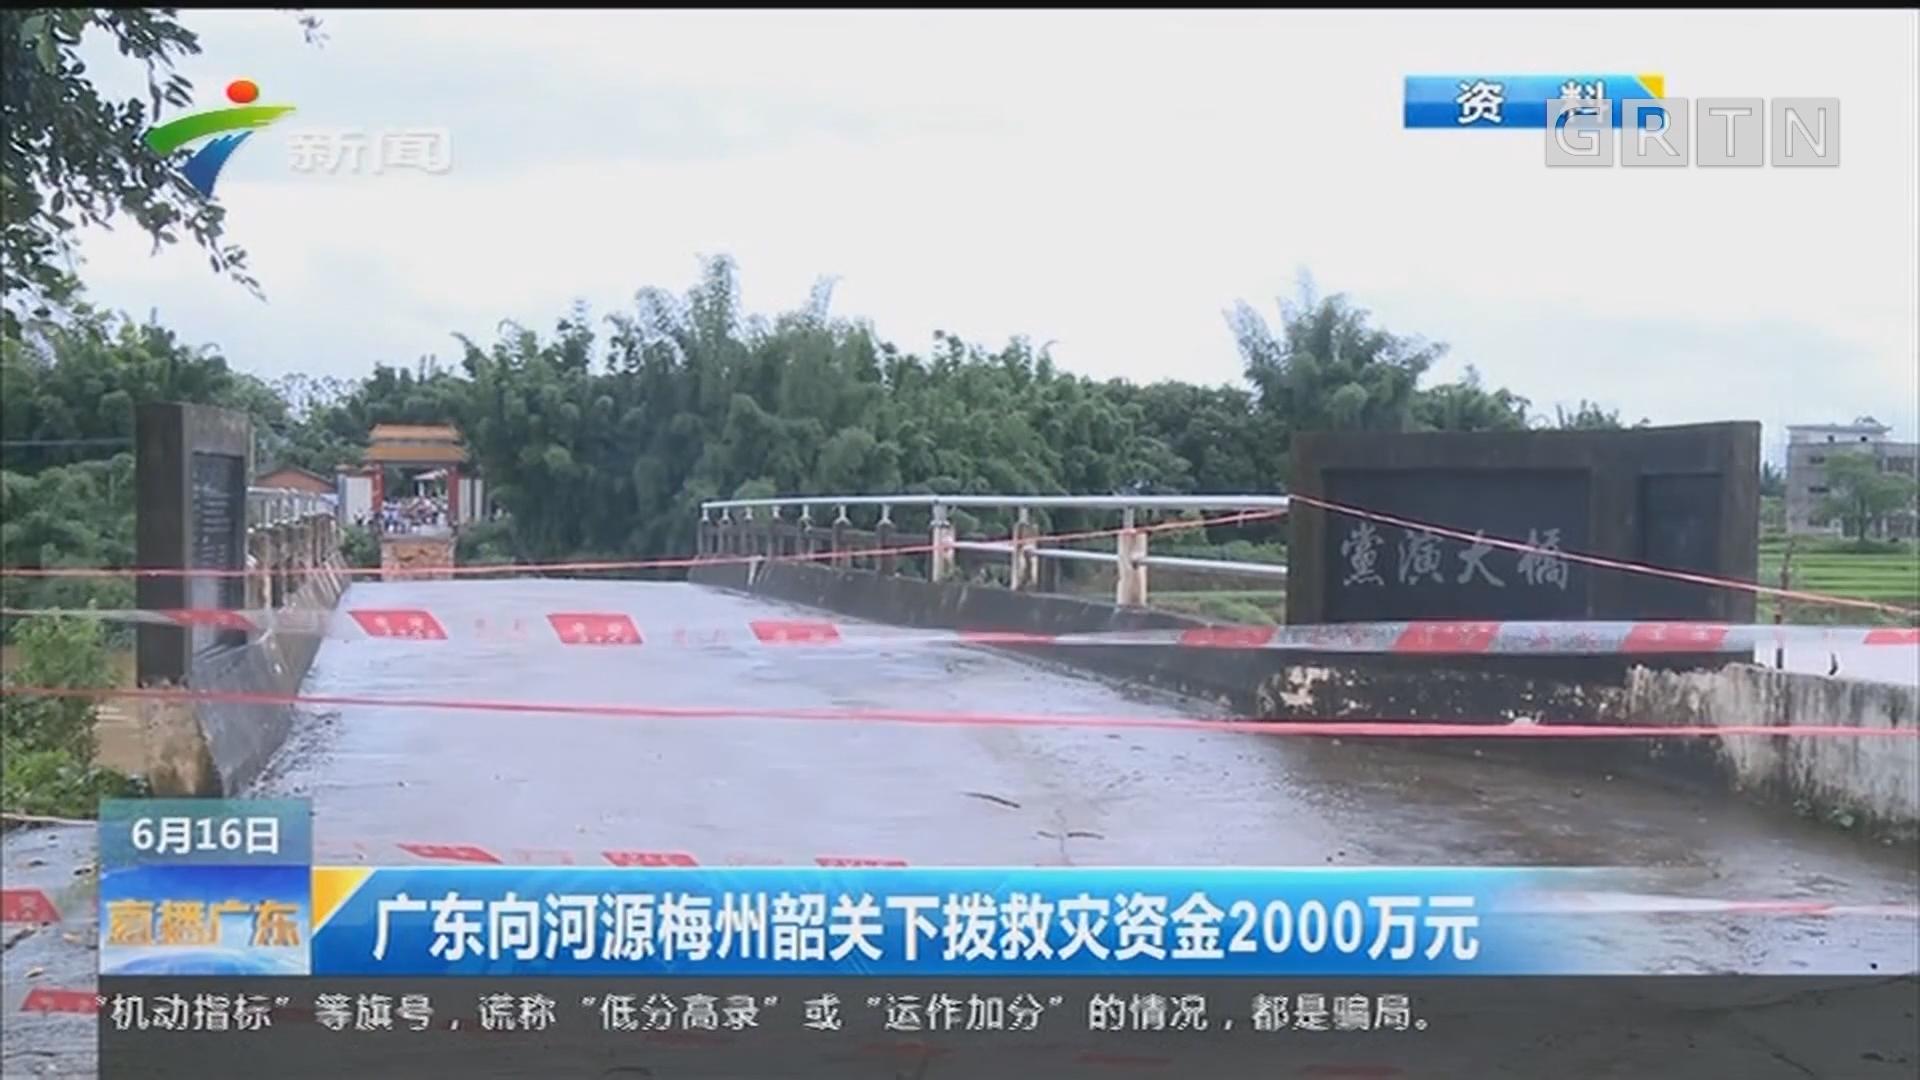 广东向河源梅州韶关下拨救灾资金2000万元